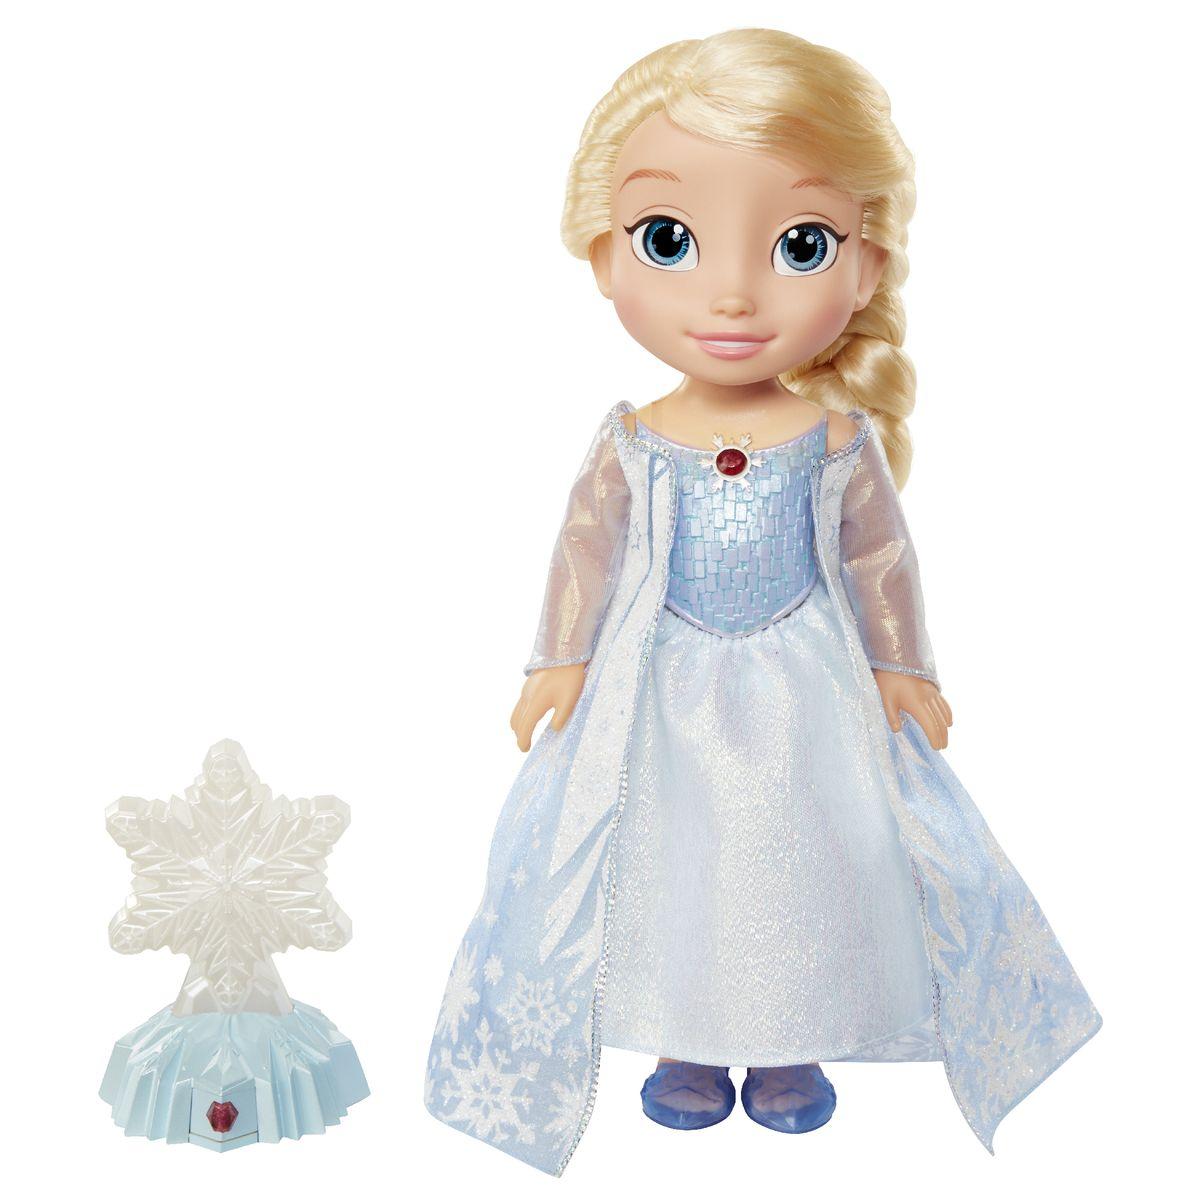 Disney Princess Кукла Эльза Северное сияние297750Кукла Disney Princess Эльза. Северное сияние обязательно понравится вашей дочурке. Туловище куклы Эльзы выполнено из высококачественного пластика; голова, ручки и ножки подвижны. Принцесса одета в красивое платье, точь-в-точь как на героине из мультфильма. На ножках - туфельки. Кукла имеет длинные шелковистые волосы, которые можно заплетать в различные прически. Главная особенность куклы - большие глаза, которые блестят как настоящие. Вместе с куклой в наборе идет светящаяся снежинка на подставке. Если провести над снежинкой рукой, активируются световые и звуковые эффекты и платье Эльзы озарится огоньками. При каждом движении руки над снежинкой платье озаряется новым цветом. Цвет огоньков меняется в произвольном порядке: голубой, белый, розовый, сиреневый и разноцветный. Также при движении руки над снежинкой проигрывается песня (не каждое движение активирует песню). Порадуйте свою дочурку таким замечательным подарком! Рекомендуется докупить 3 батарейки...